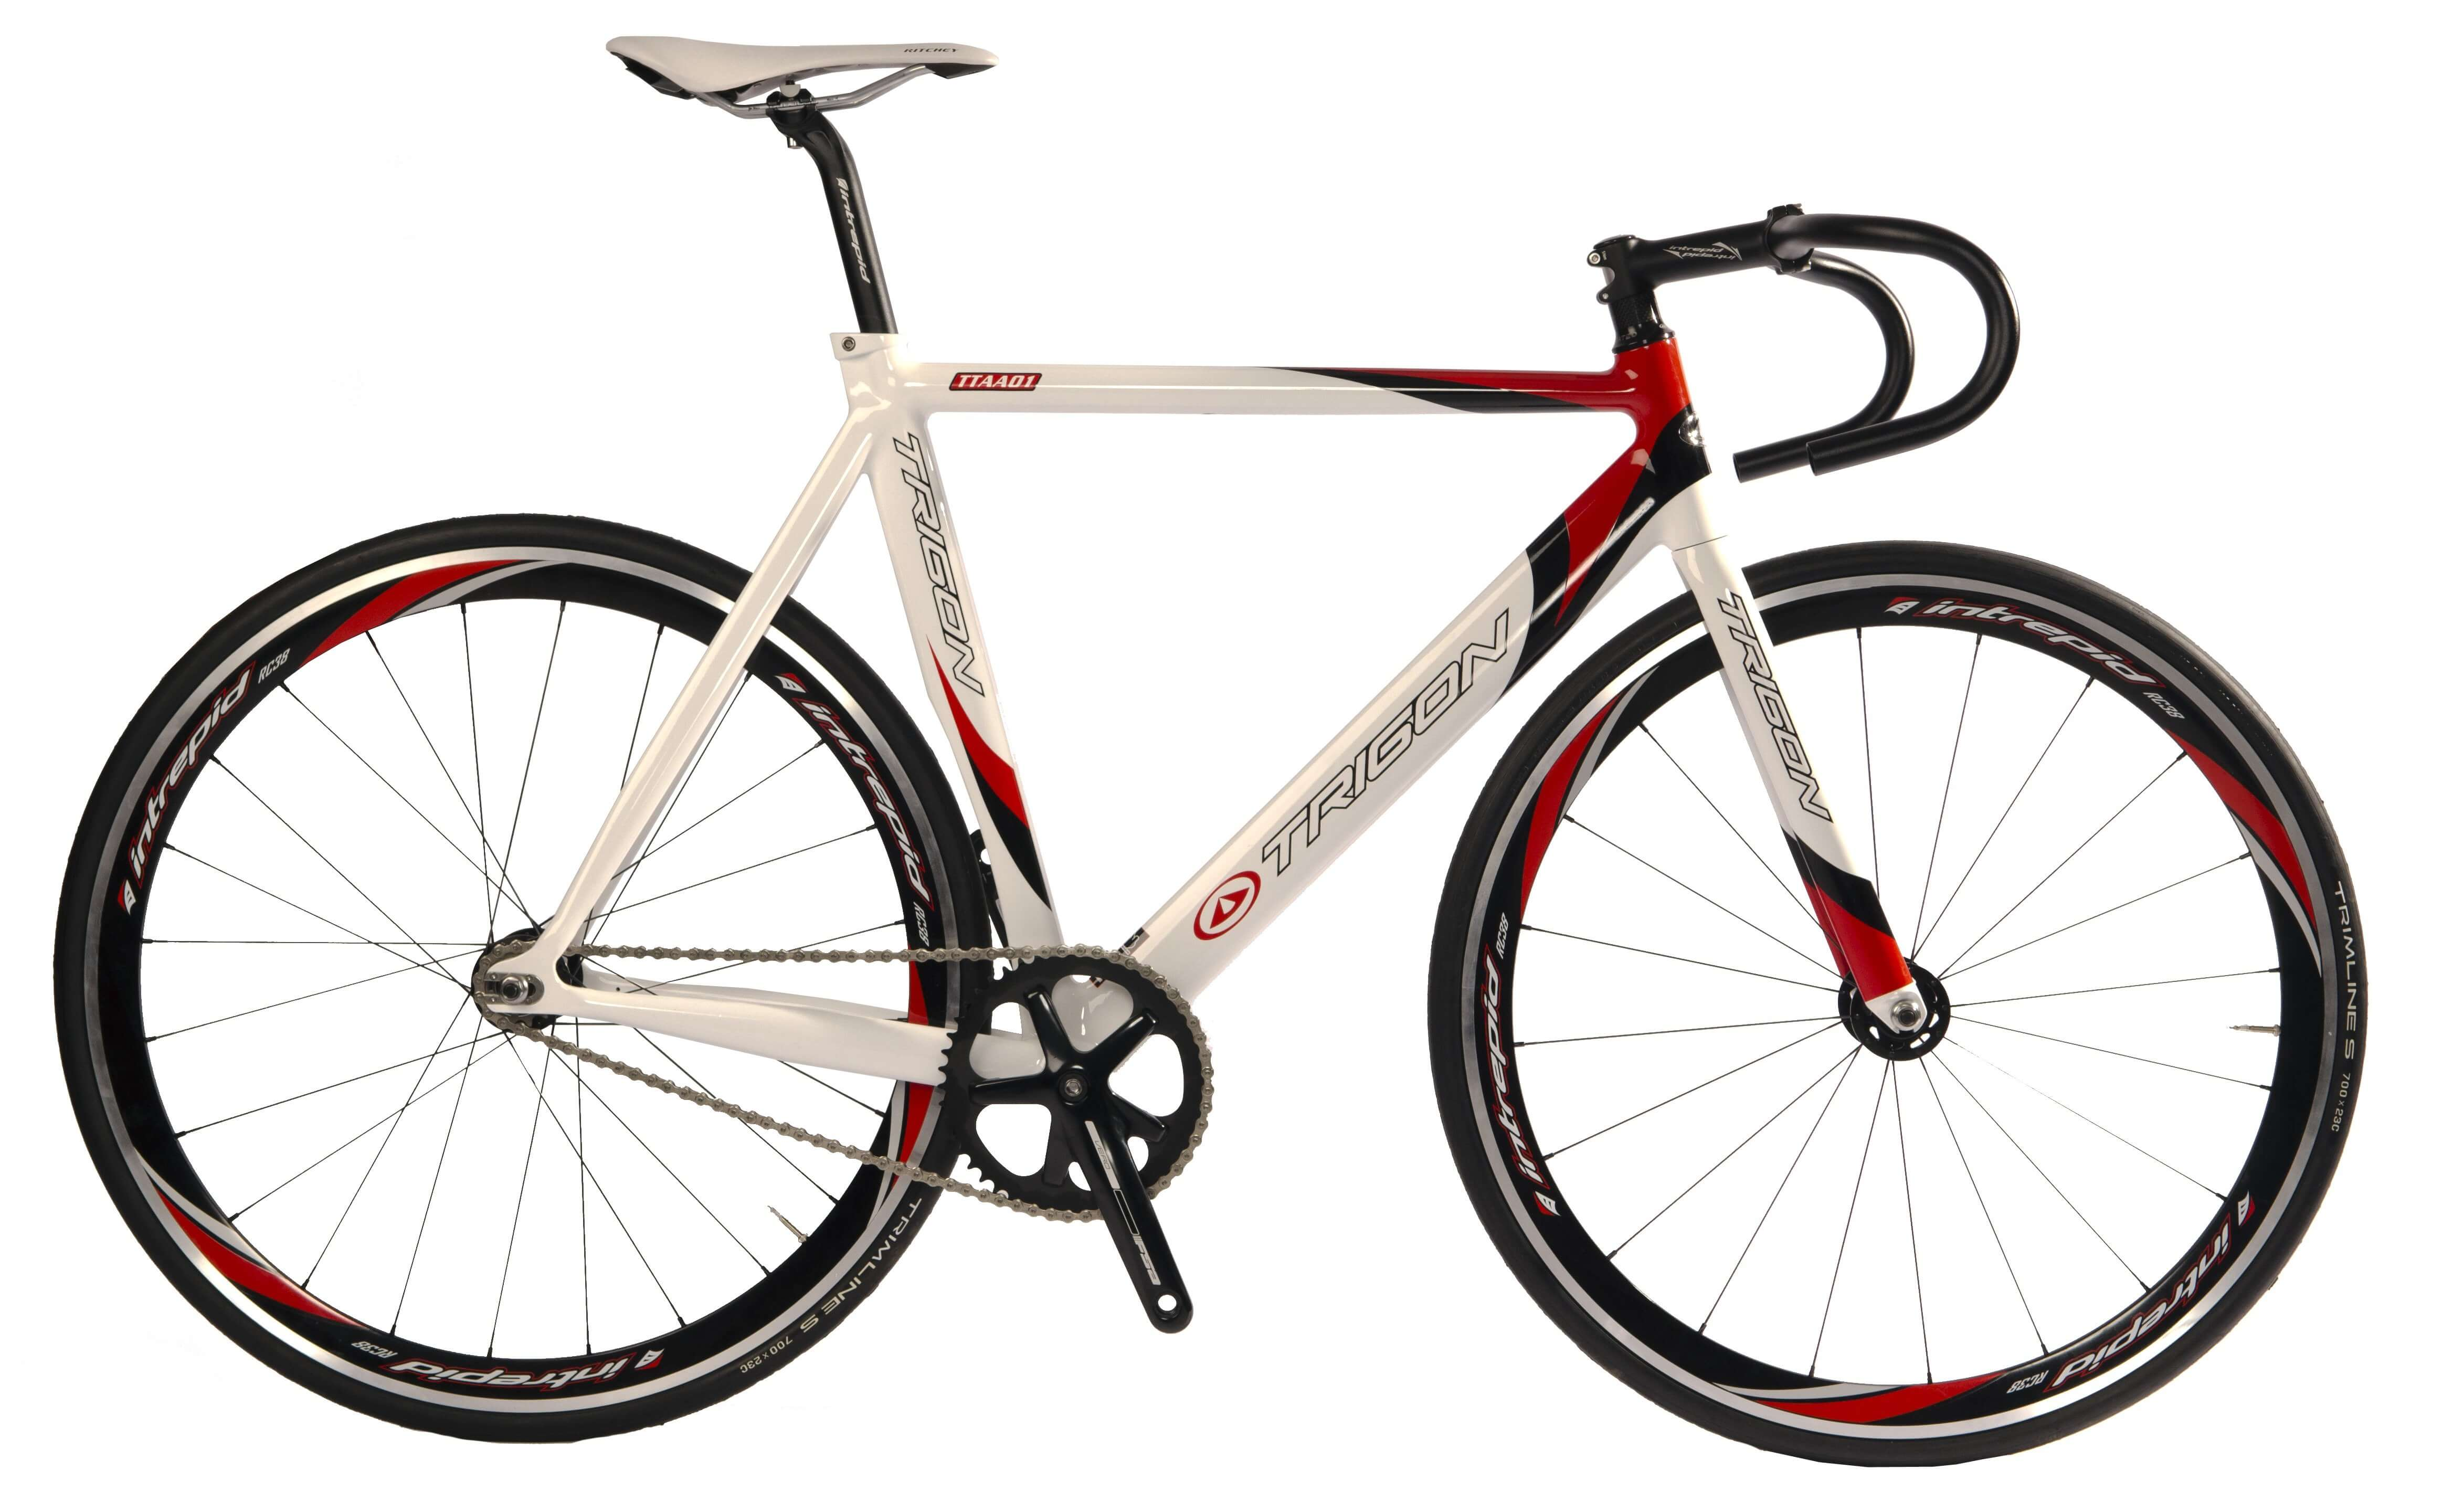 Trigon Carbon Road Bikes At Cycle Division